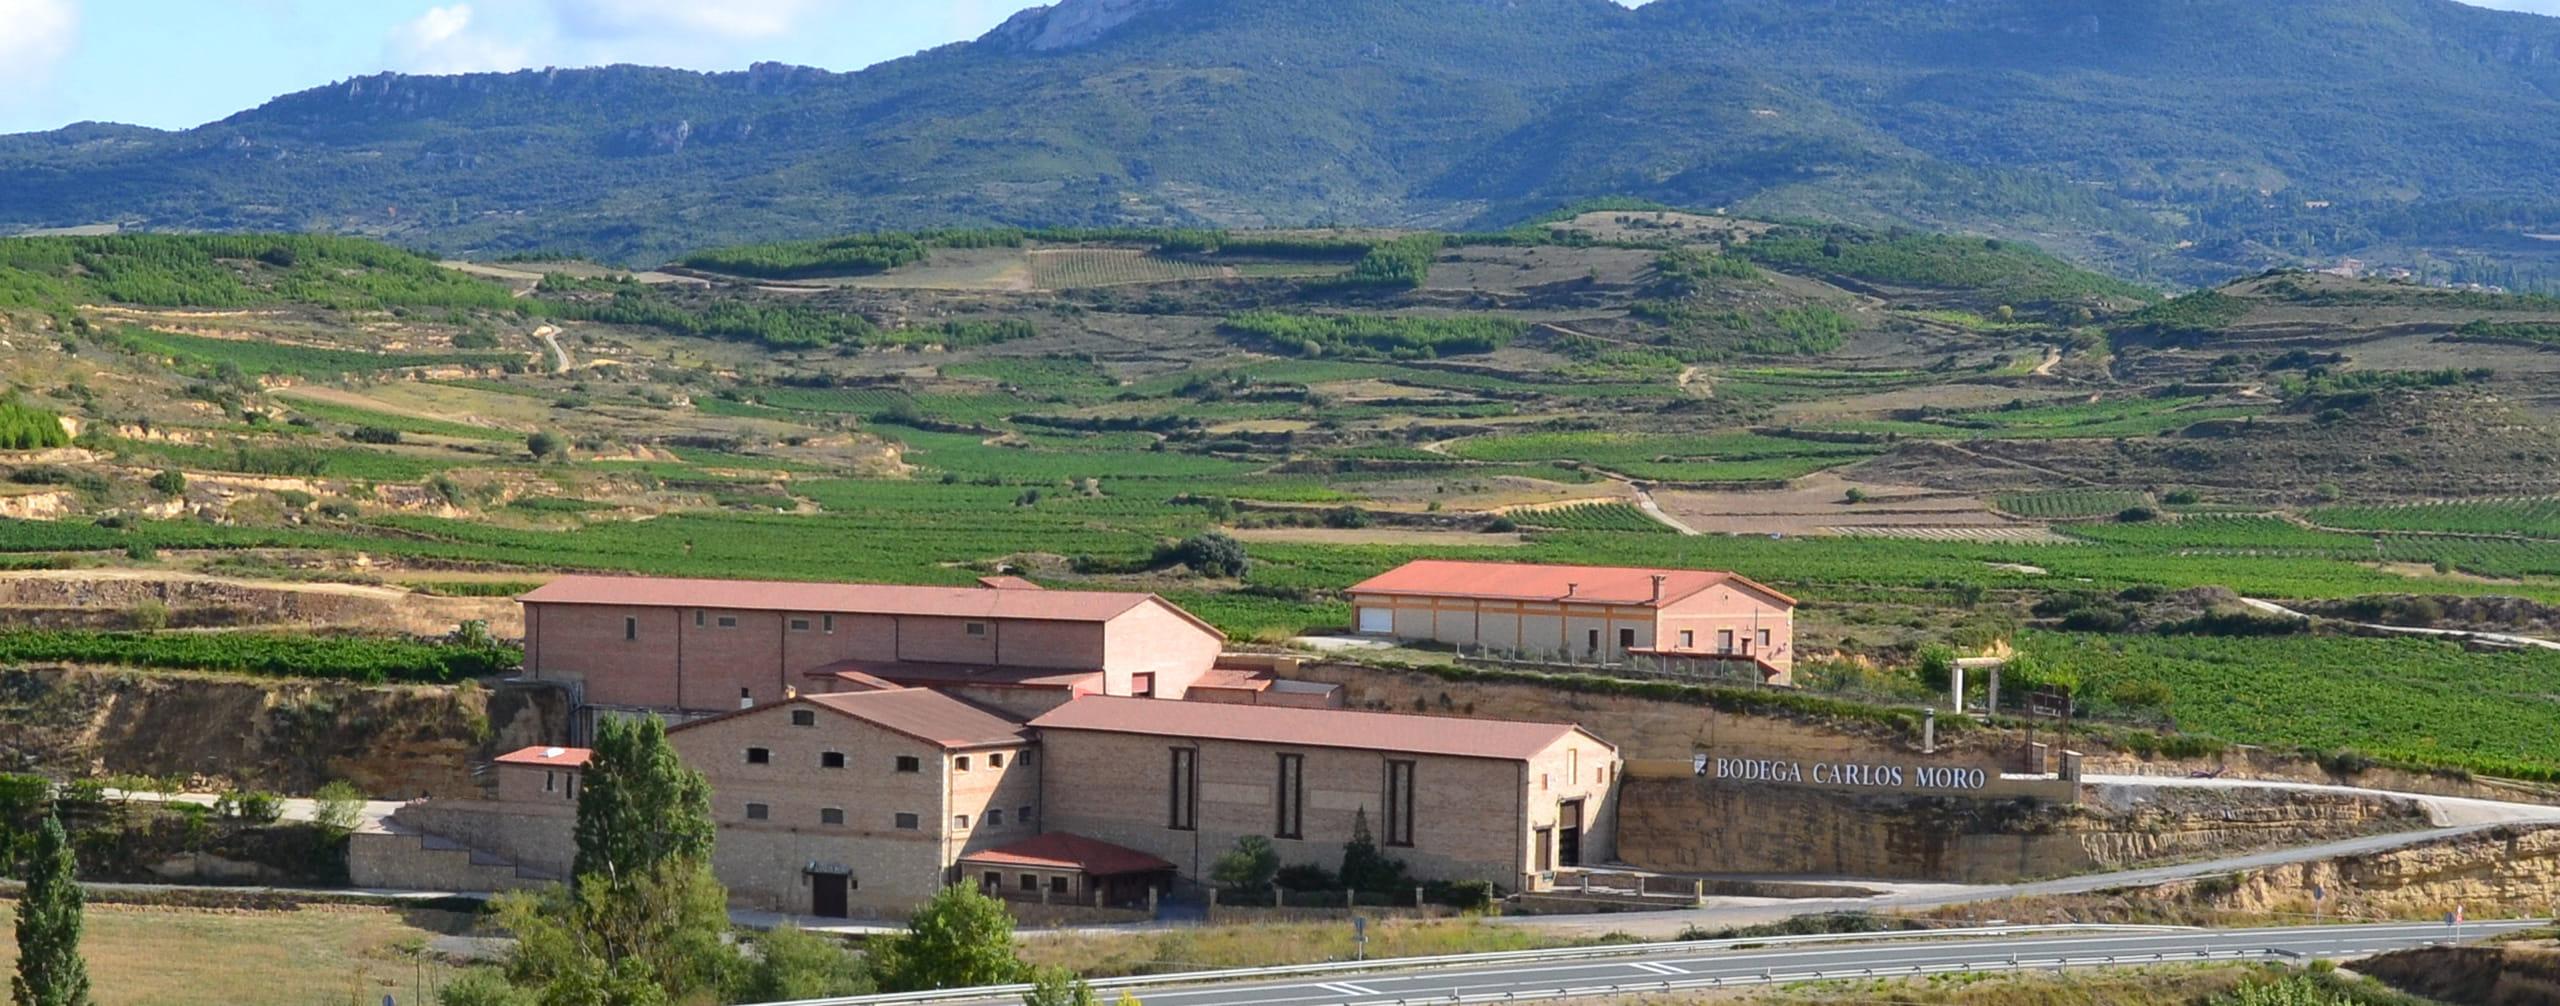 Weingüter von Carlos Moro